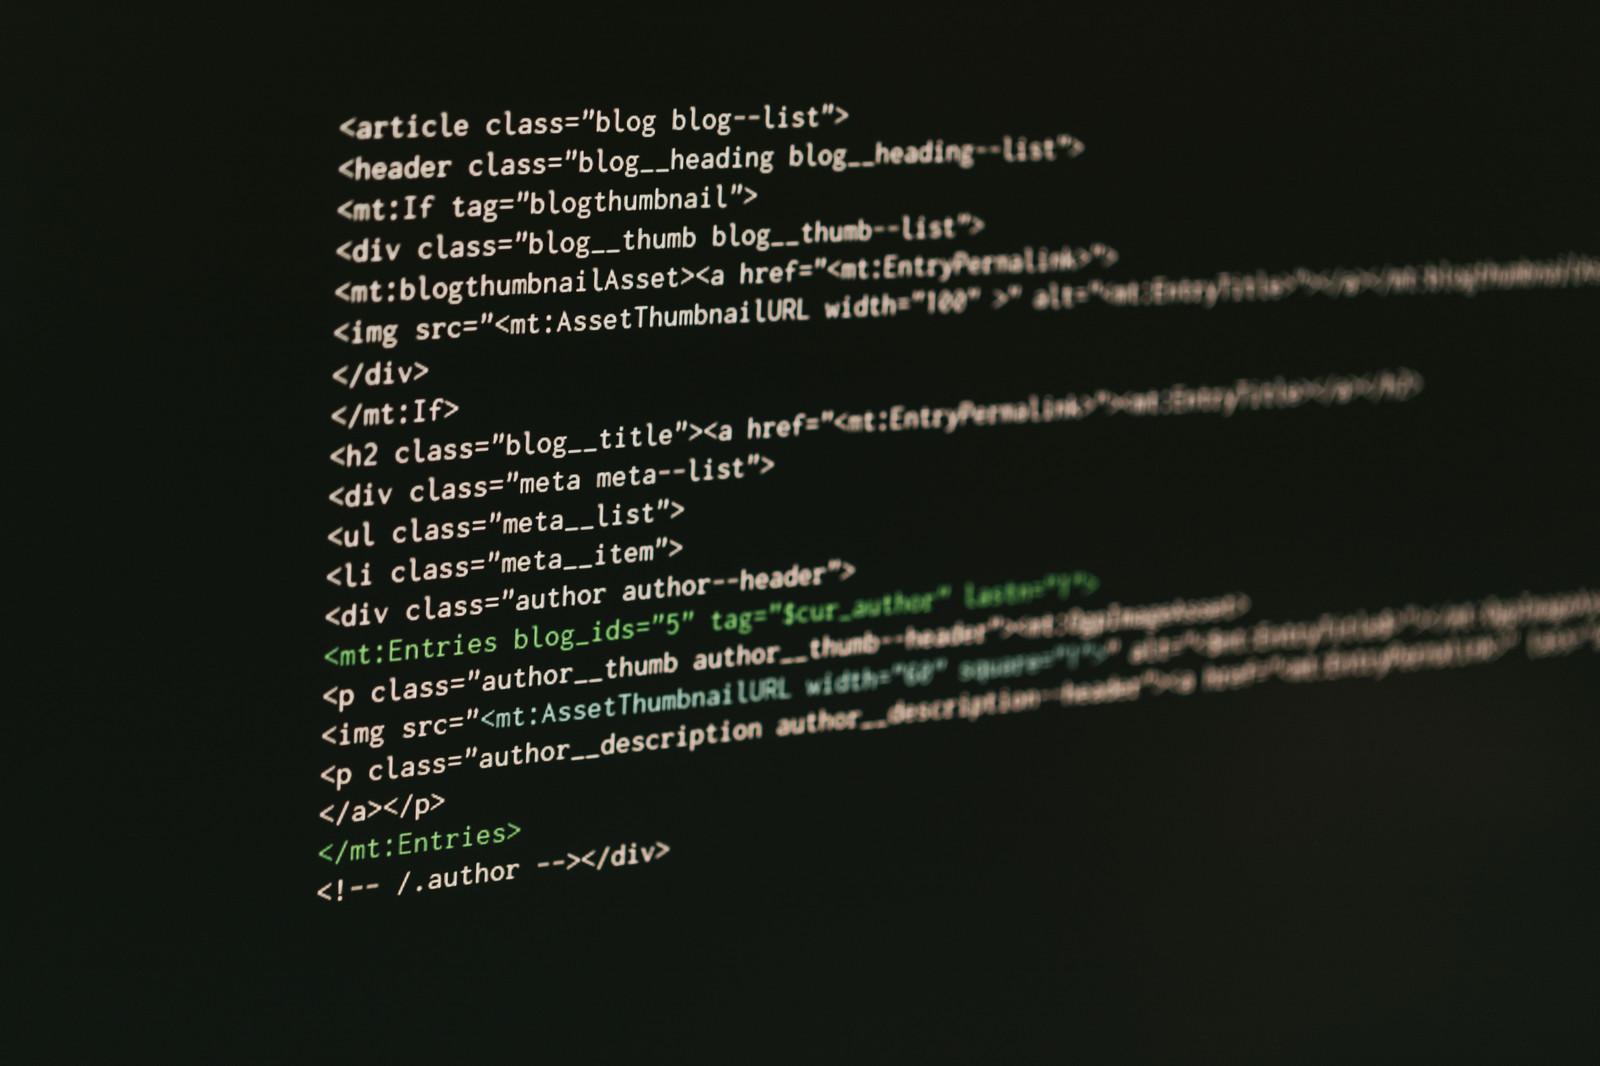 Excelでパスワードを付けて保存しないと見られる可能性が高い